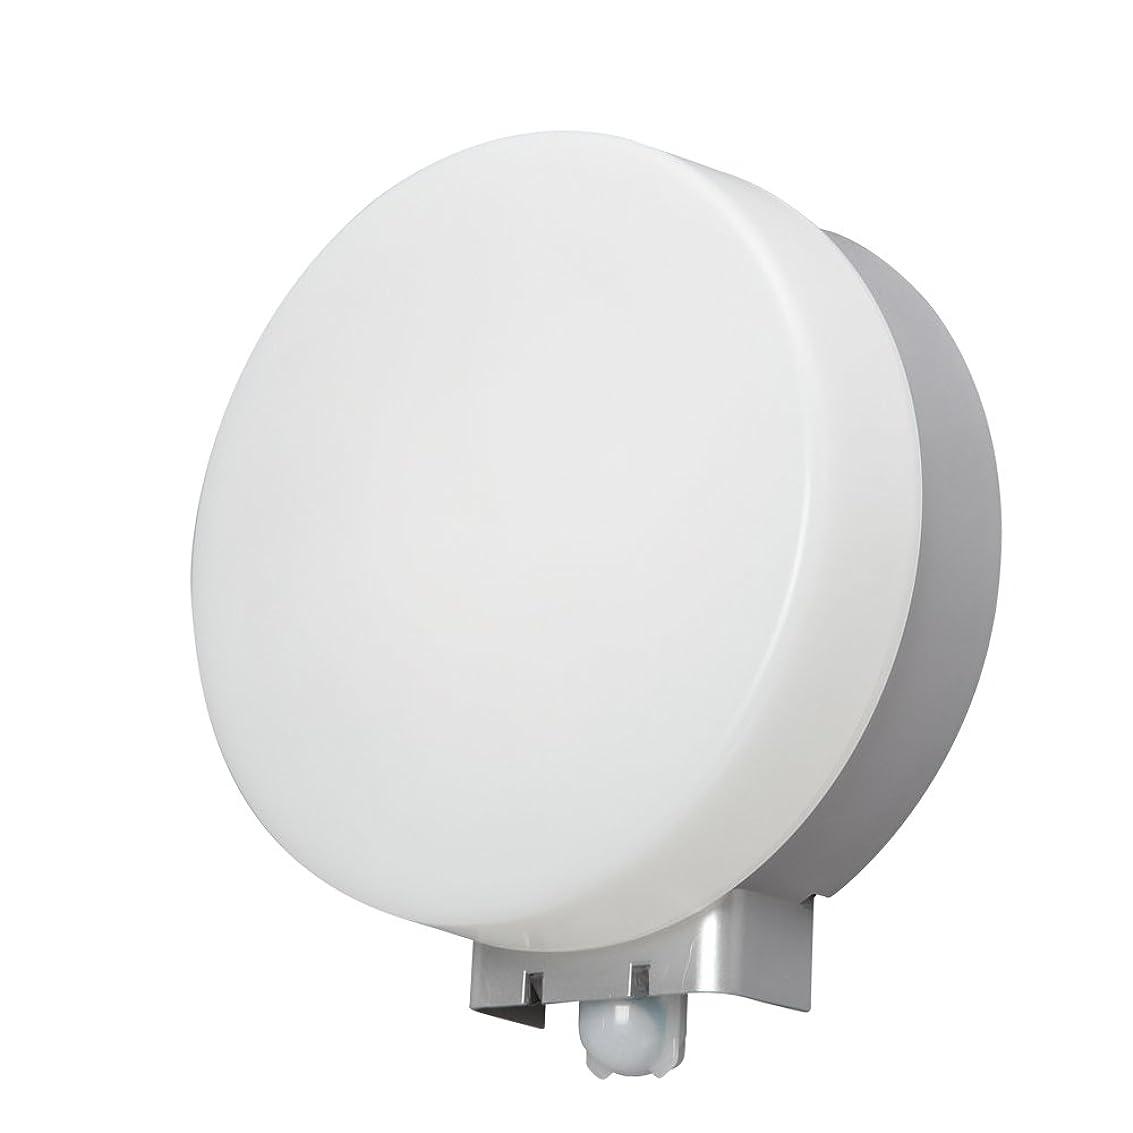 未払い神経衰弱支給アイリスオーヤマ LEDポーチ灯 人感センサー付 丸型 昼白色 520lm IRBR5N-CIPLS-MSBS